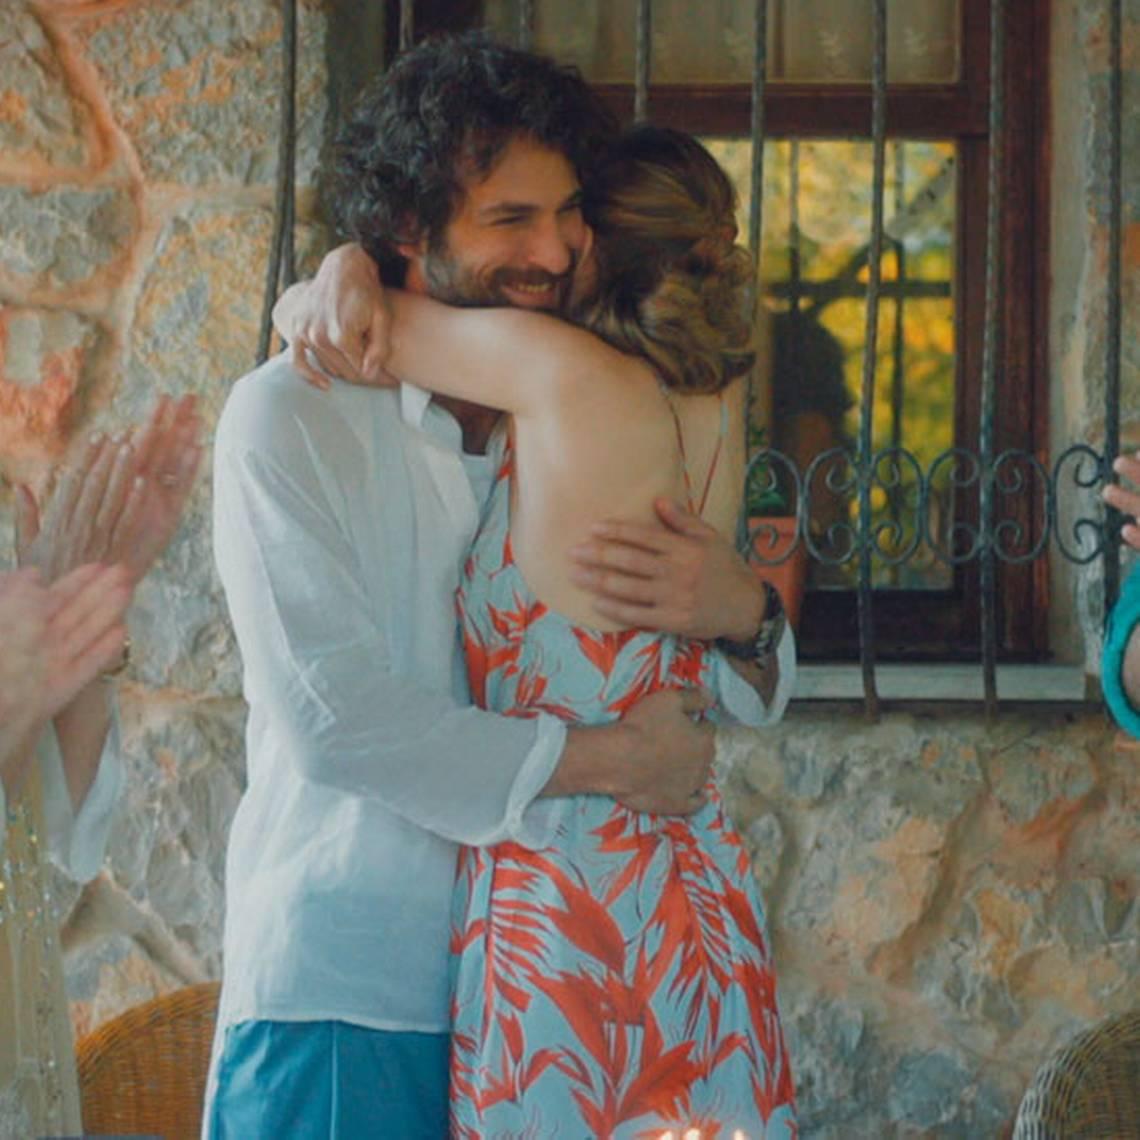 ¡¡Qué amor!! Kerim sorprendió a Hülya en su cumpleaños